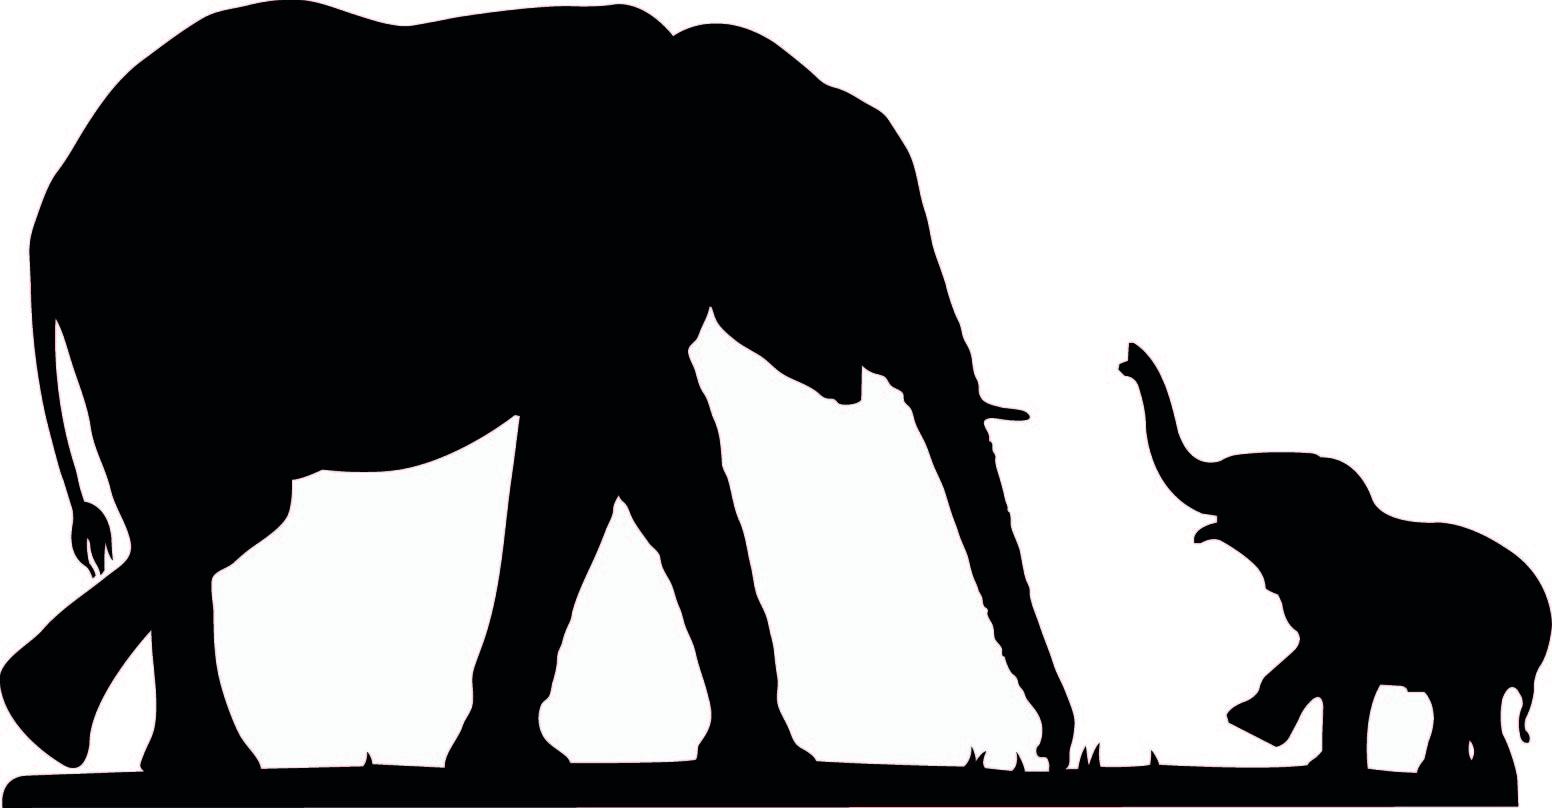 Cute Elephant Silhouette | Free download best Cute Elephant ...